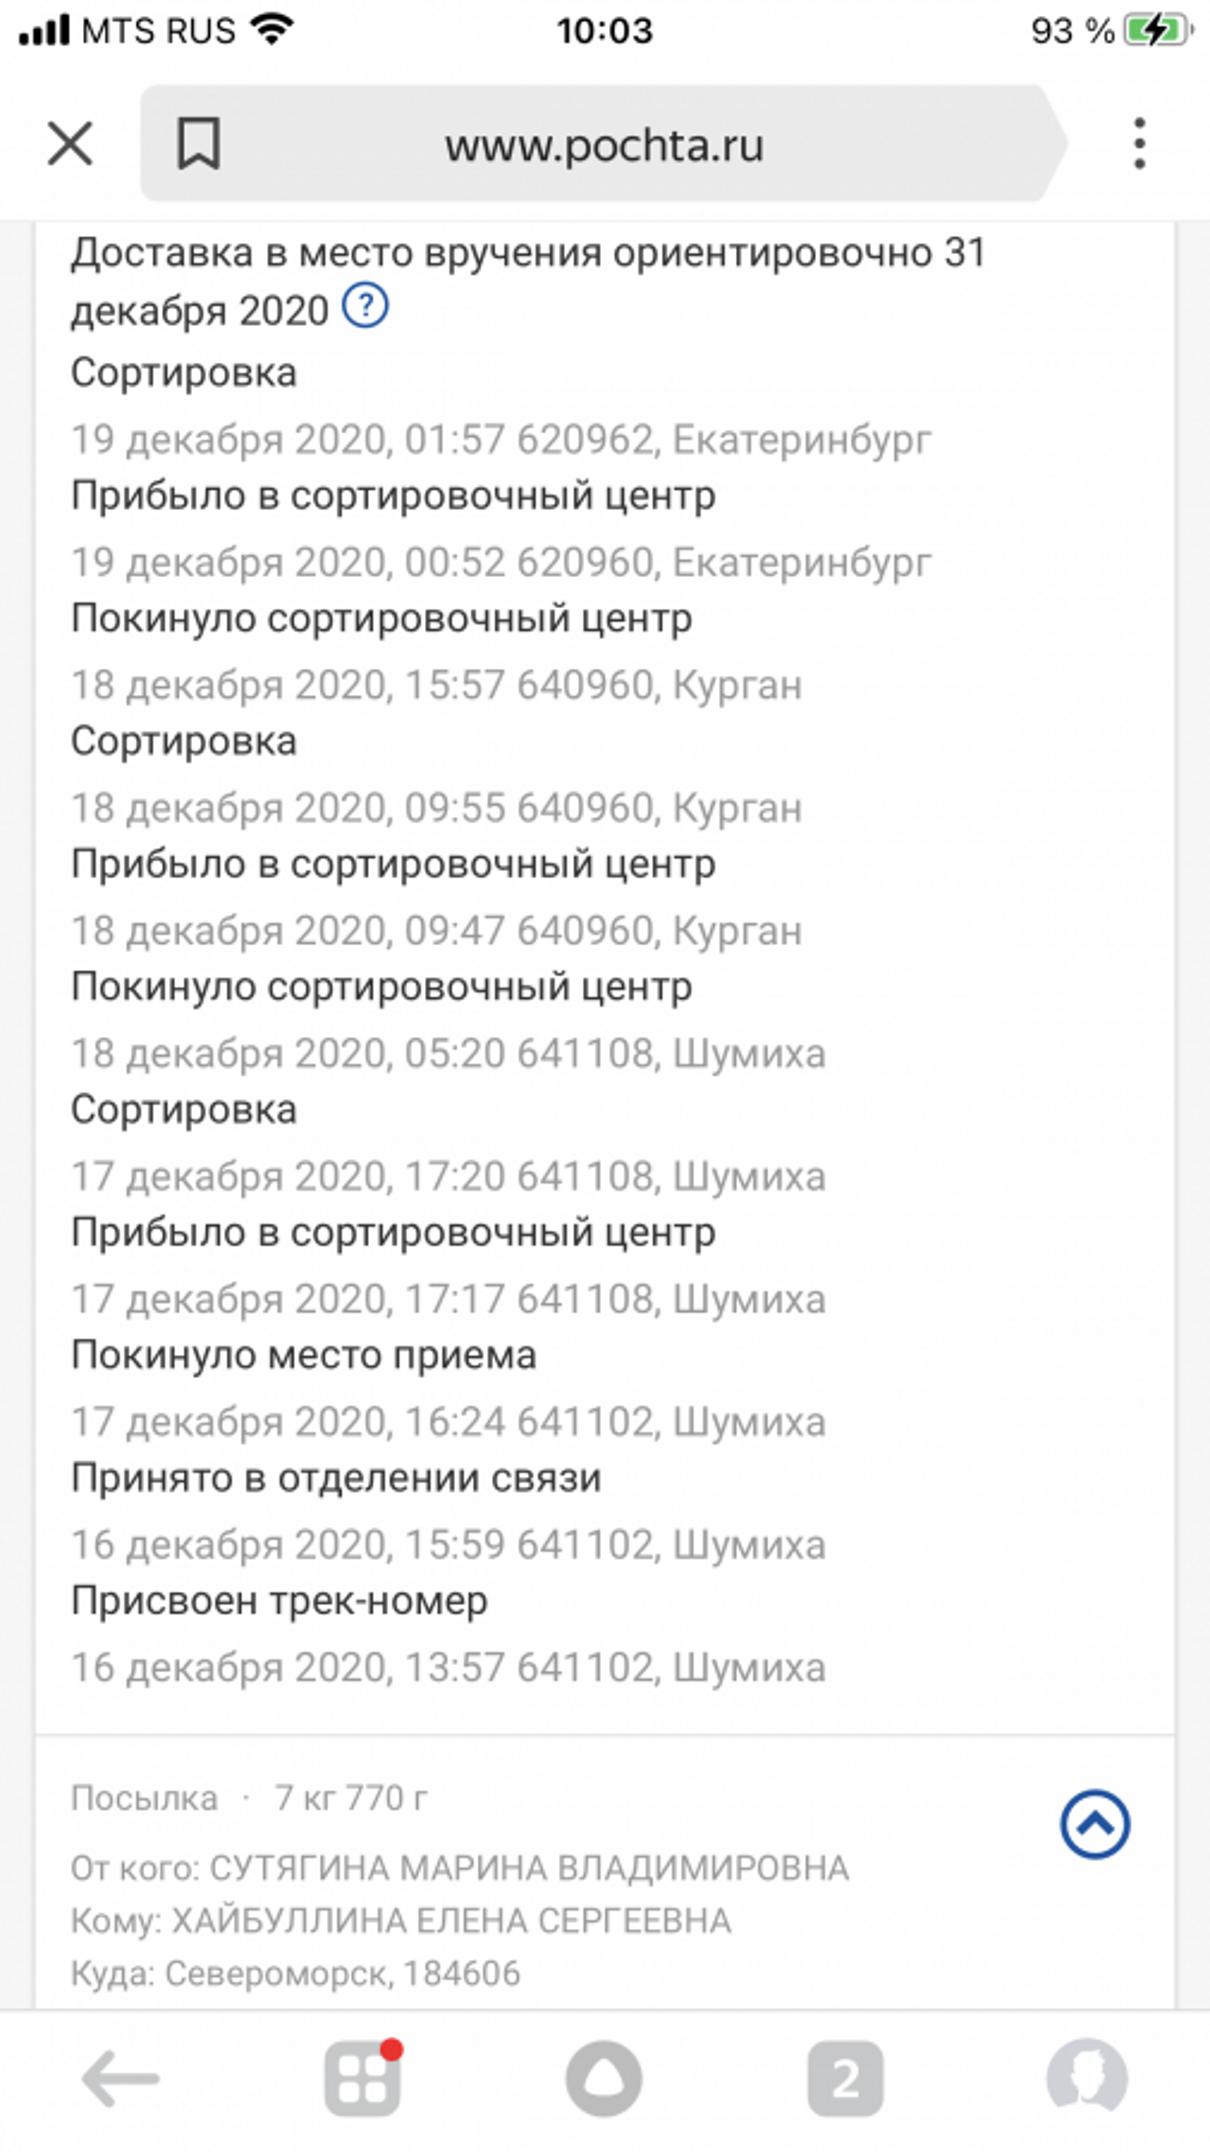 Жалоба-отзыв: Почта России, отделение 620962 - Задержки почтовых отправлений.  Фото №1